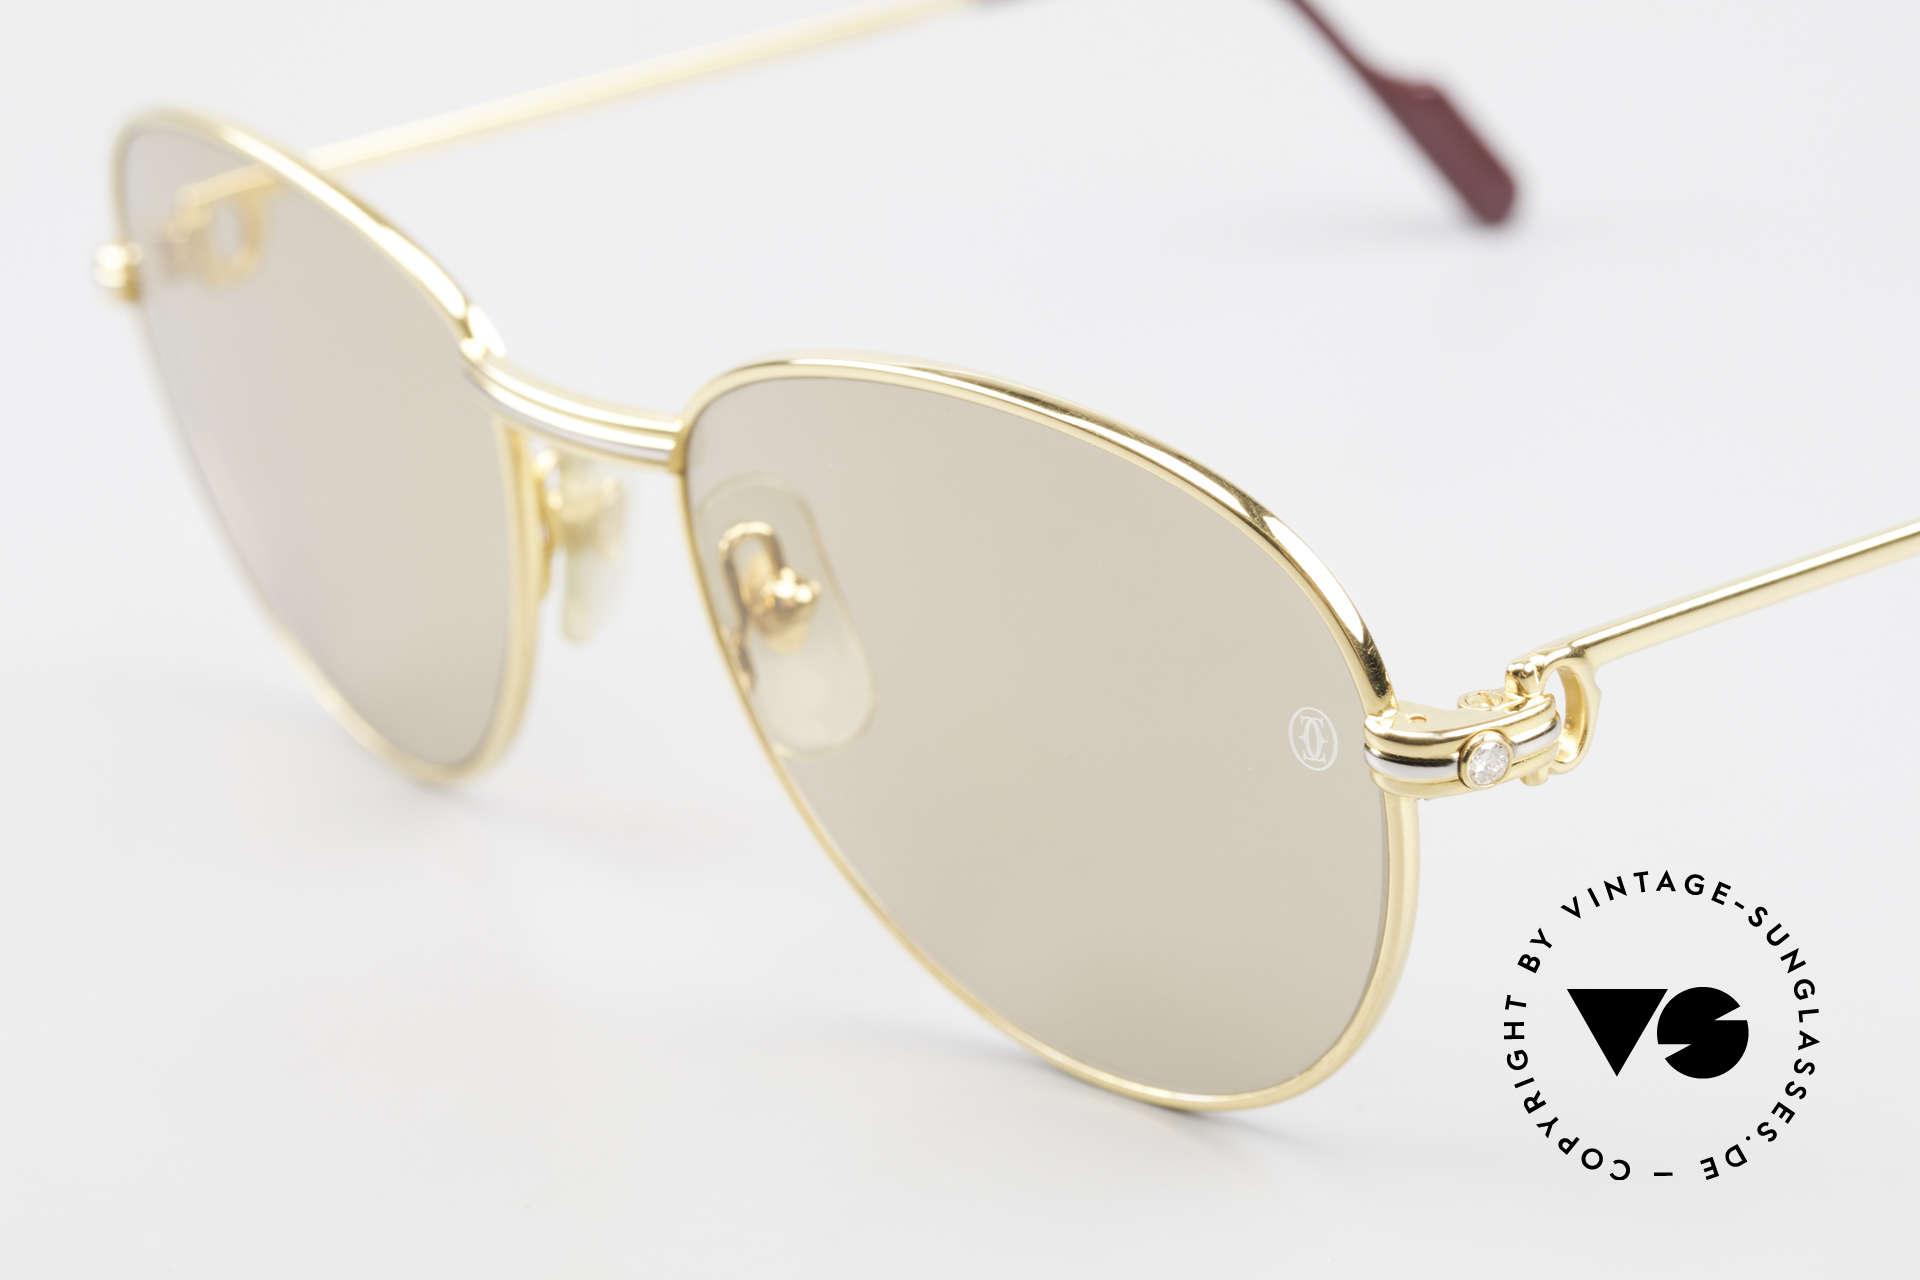 Cartier S Brillants 0,20 ct 1980's Diamond Sunglasses, original sun lenses with CARTIER logo (100% UV), Made for Women